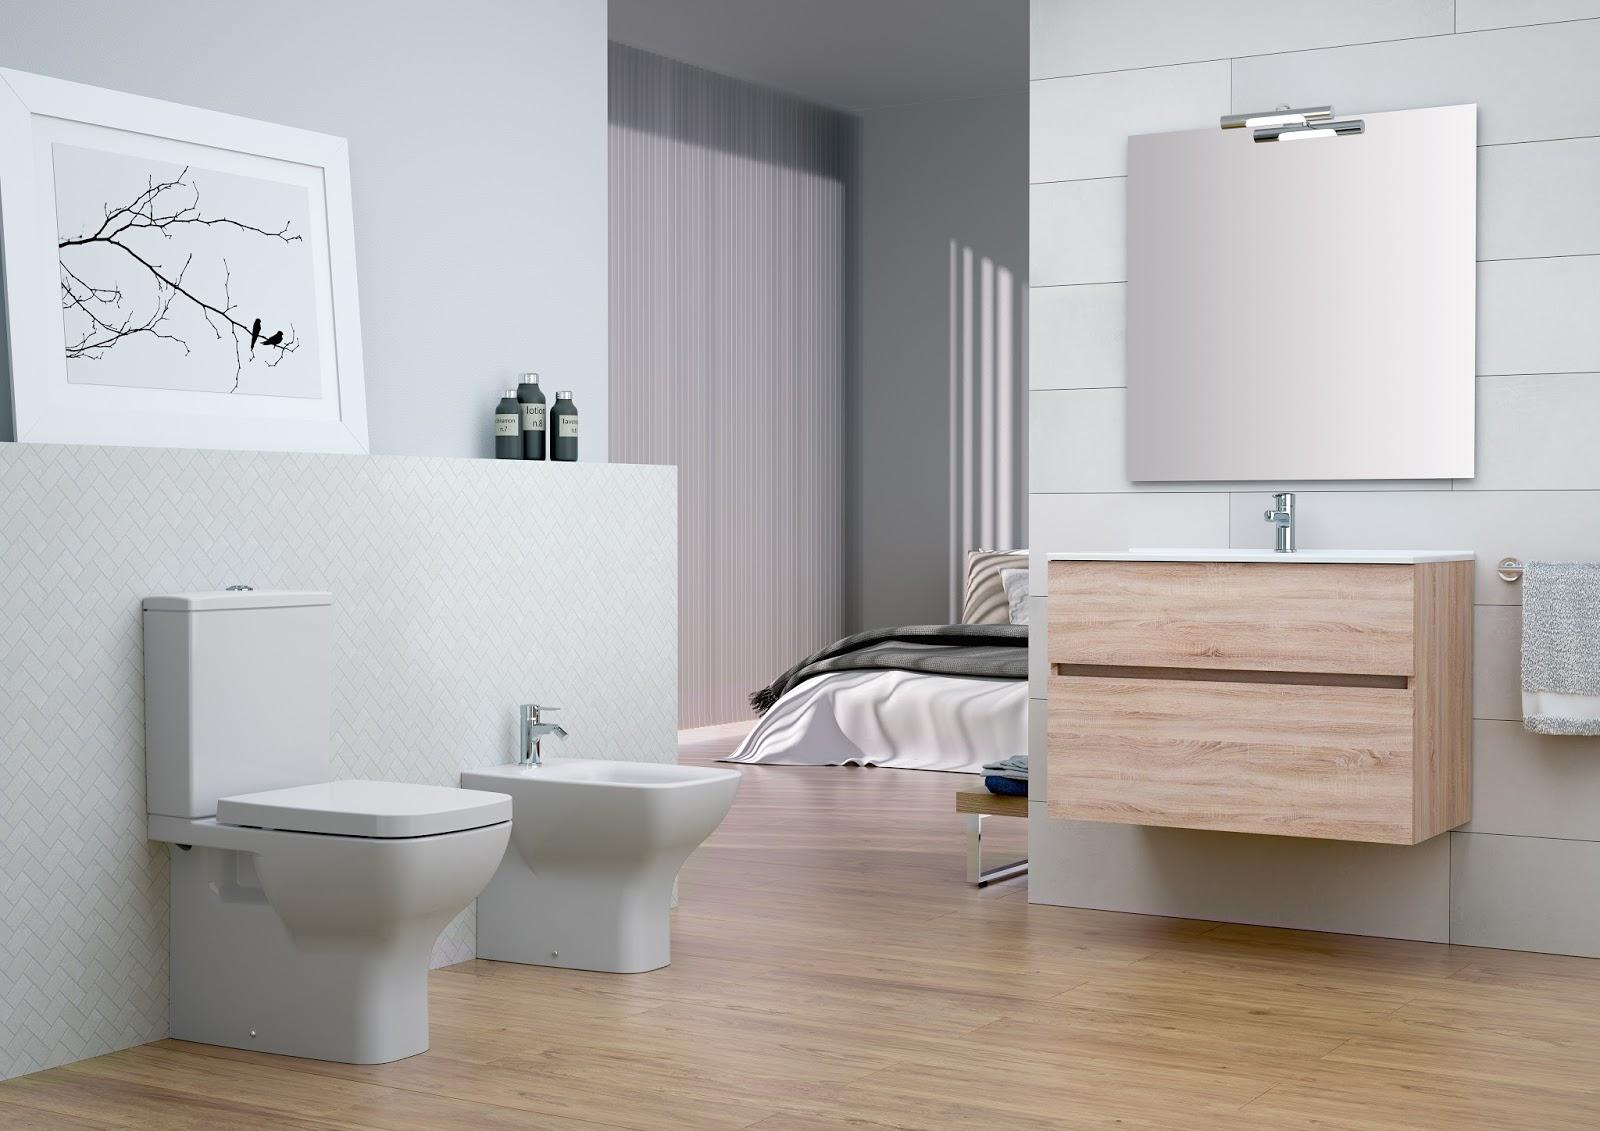 Boho Deco Chic: #CREATUBAÑOGALA Ideas para diseñar el baño de tus sueños